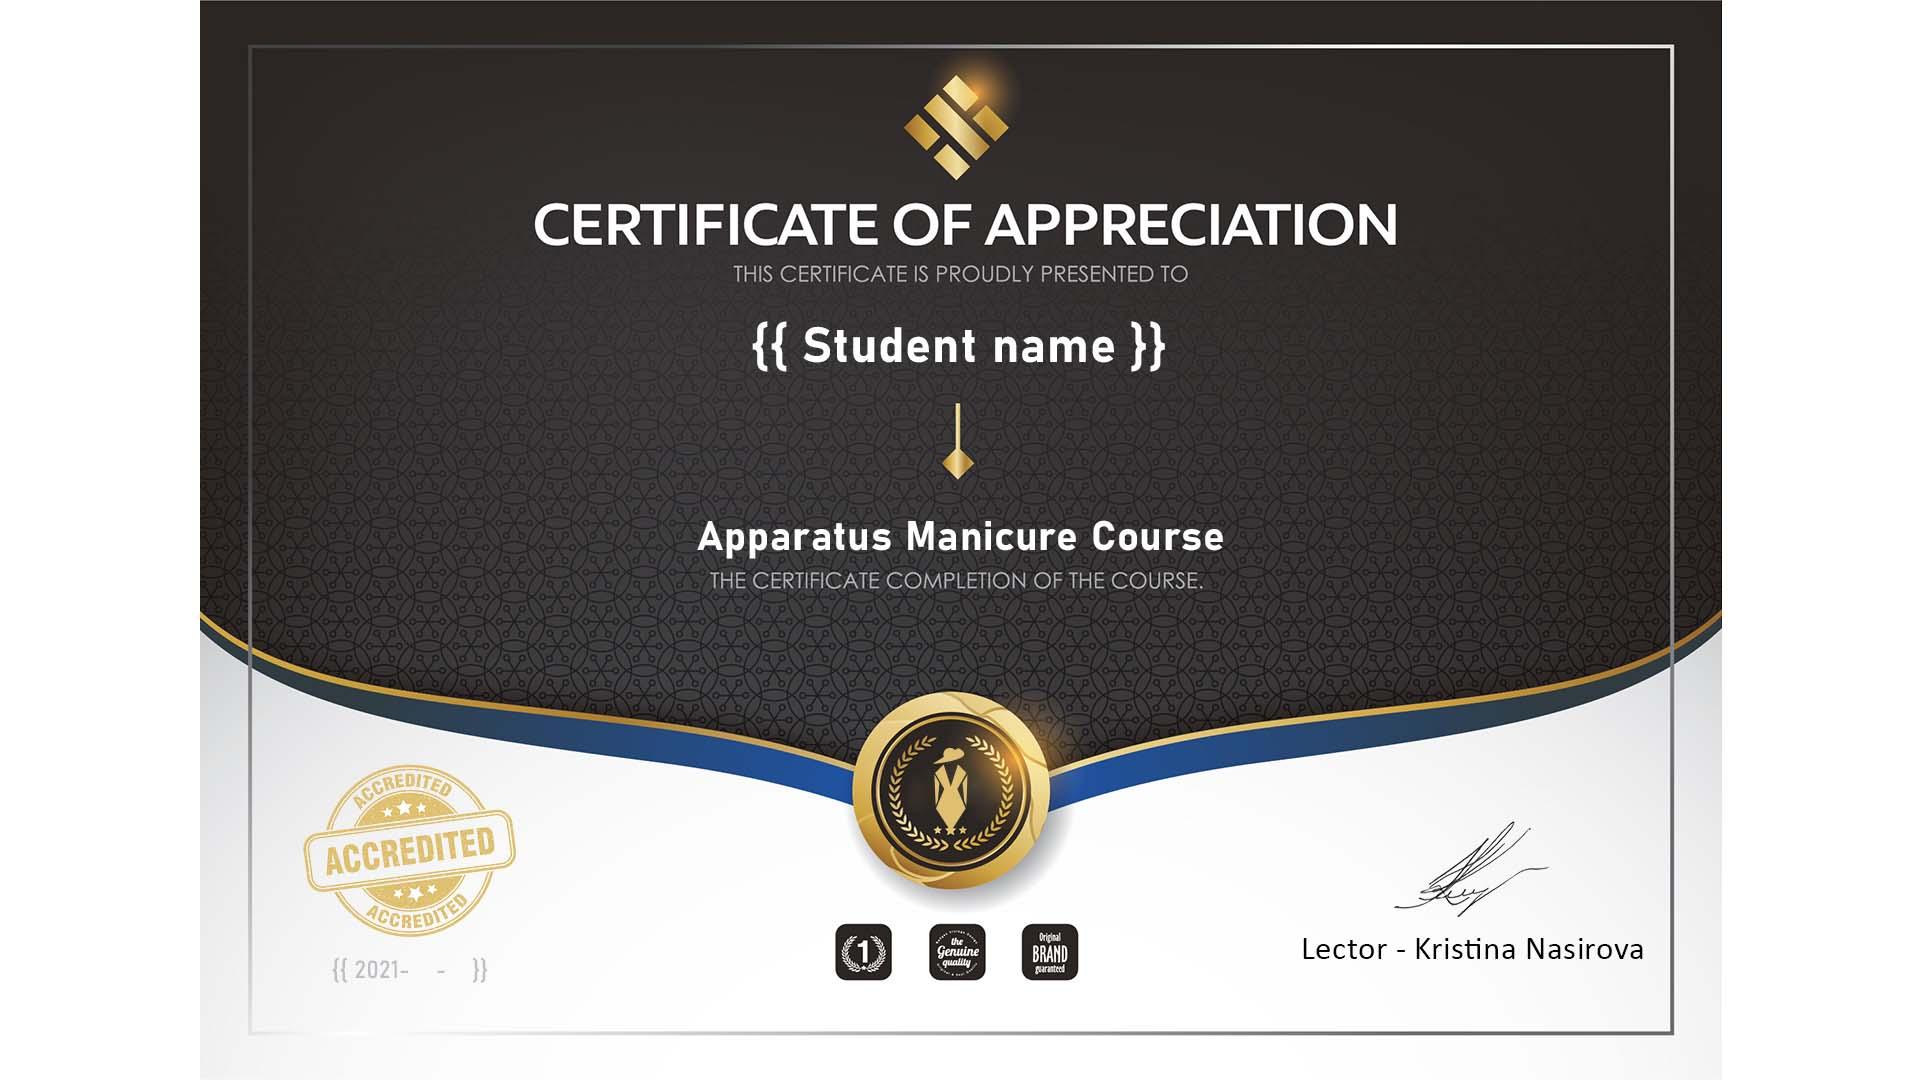 Manikiūro kursai sertifikatas